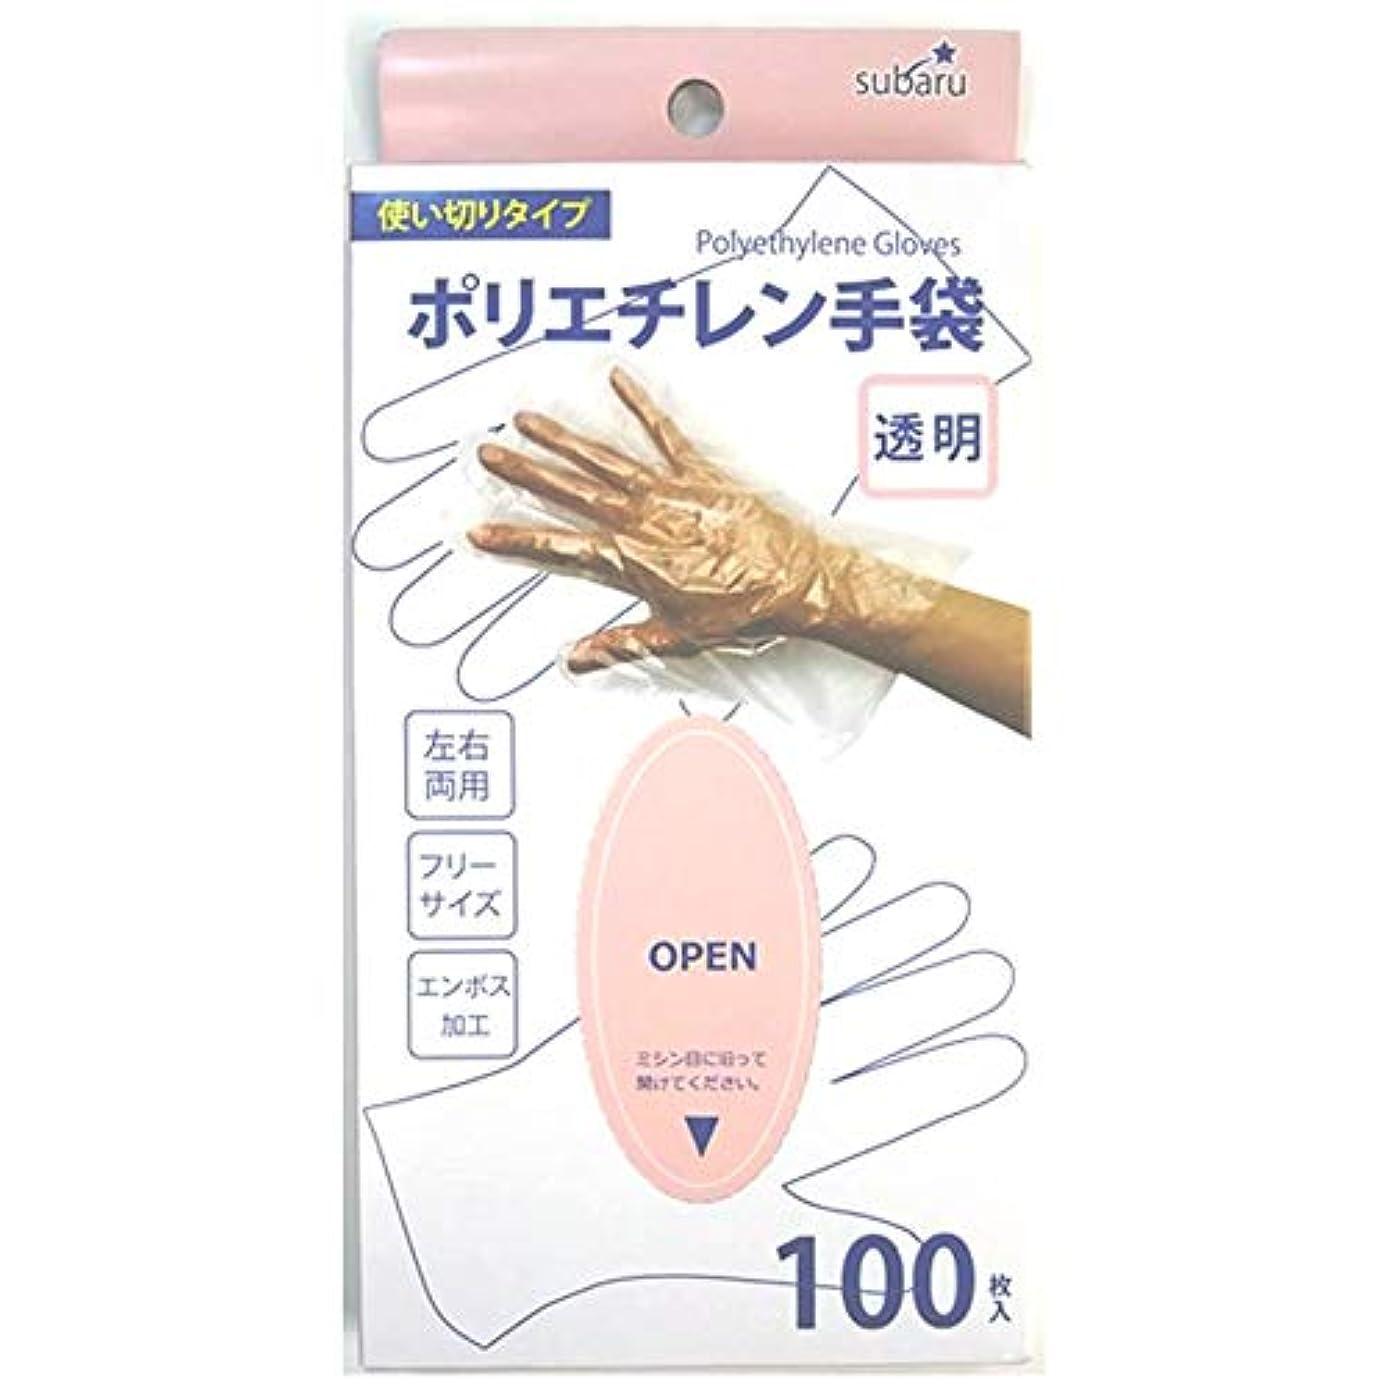 着服グリーンランド軽蔑ポリエチレン手袋 透明100枚入 227-29【まとめ買い12個セット】